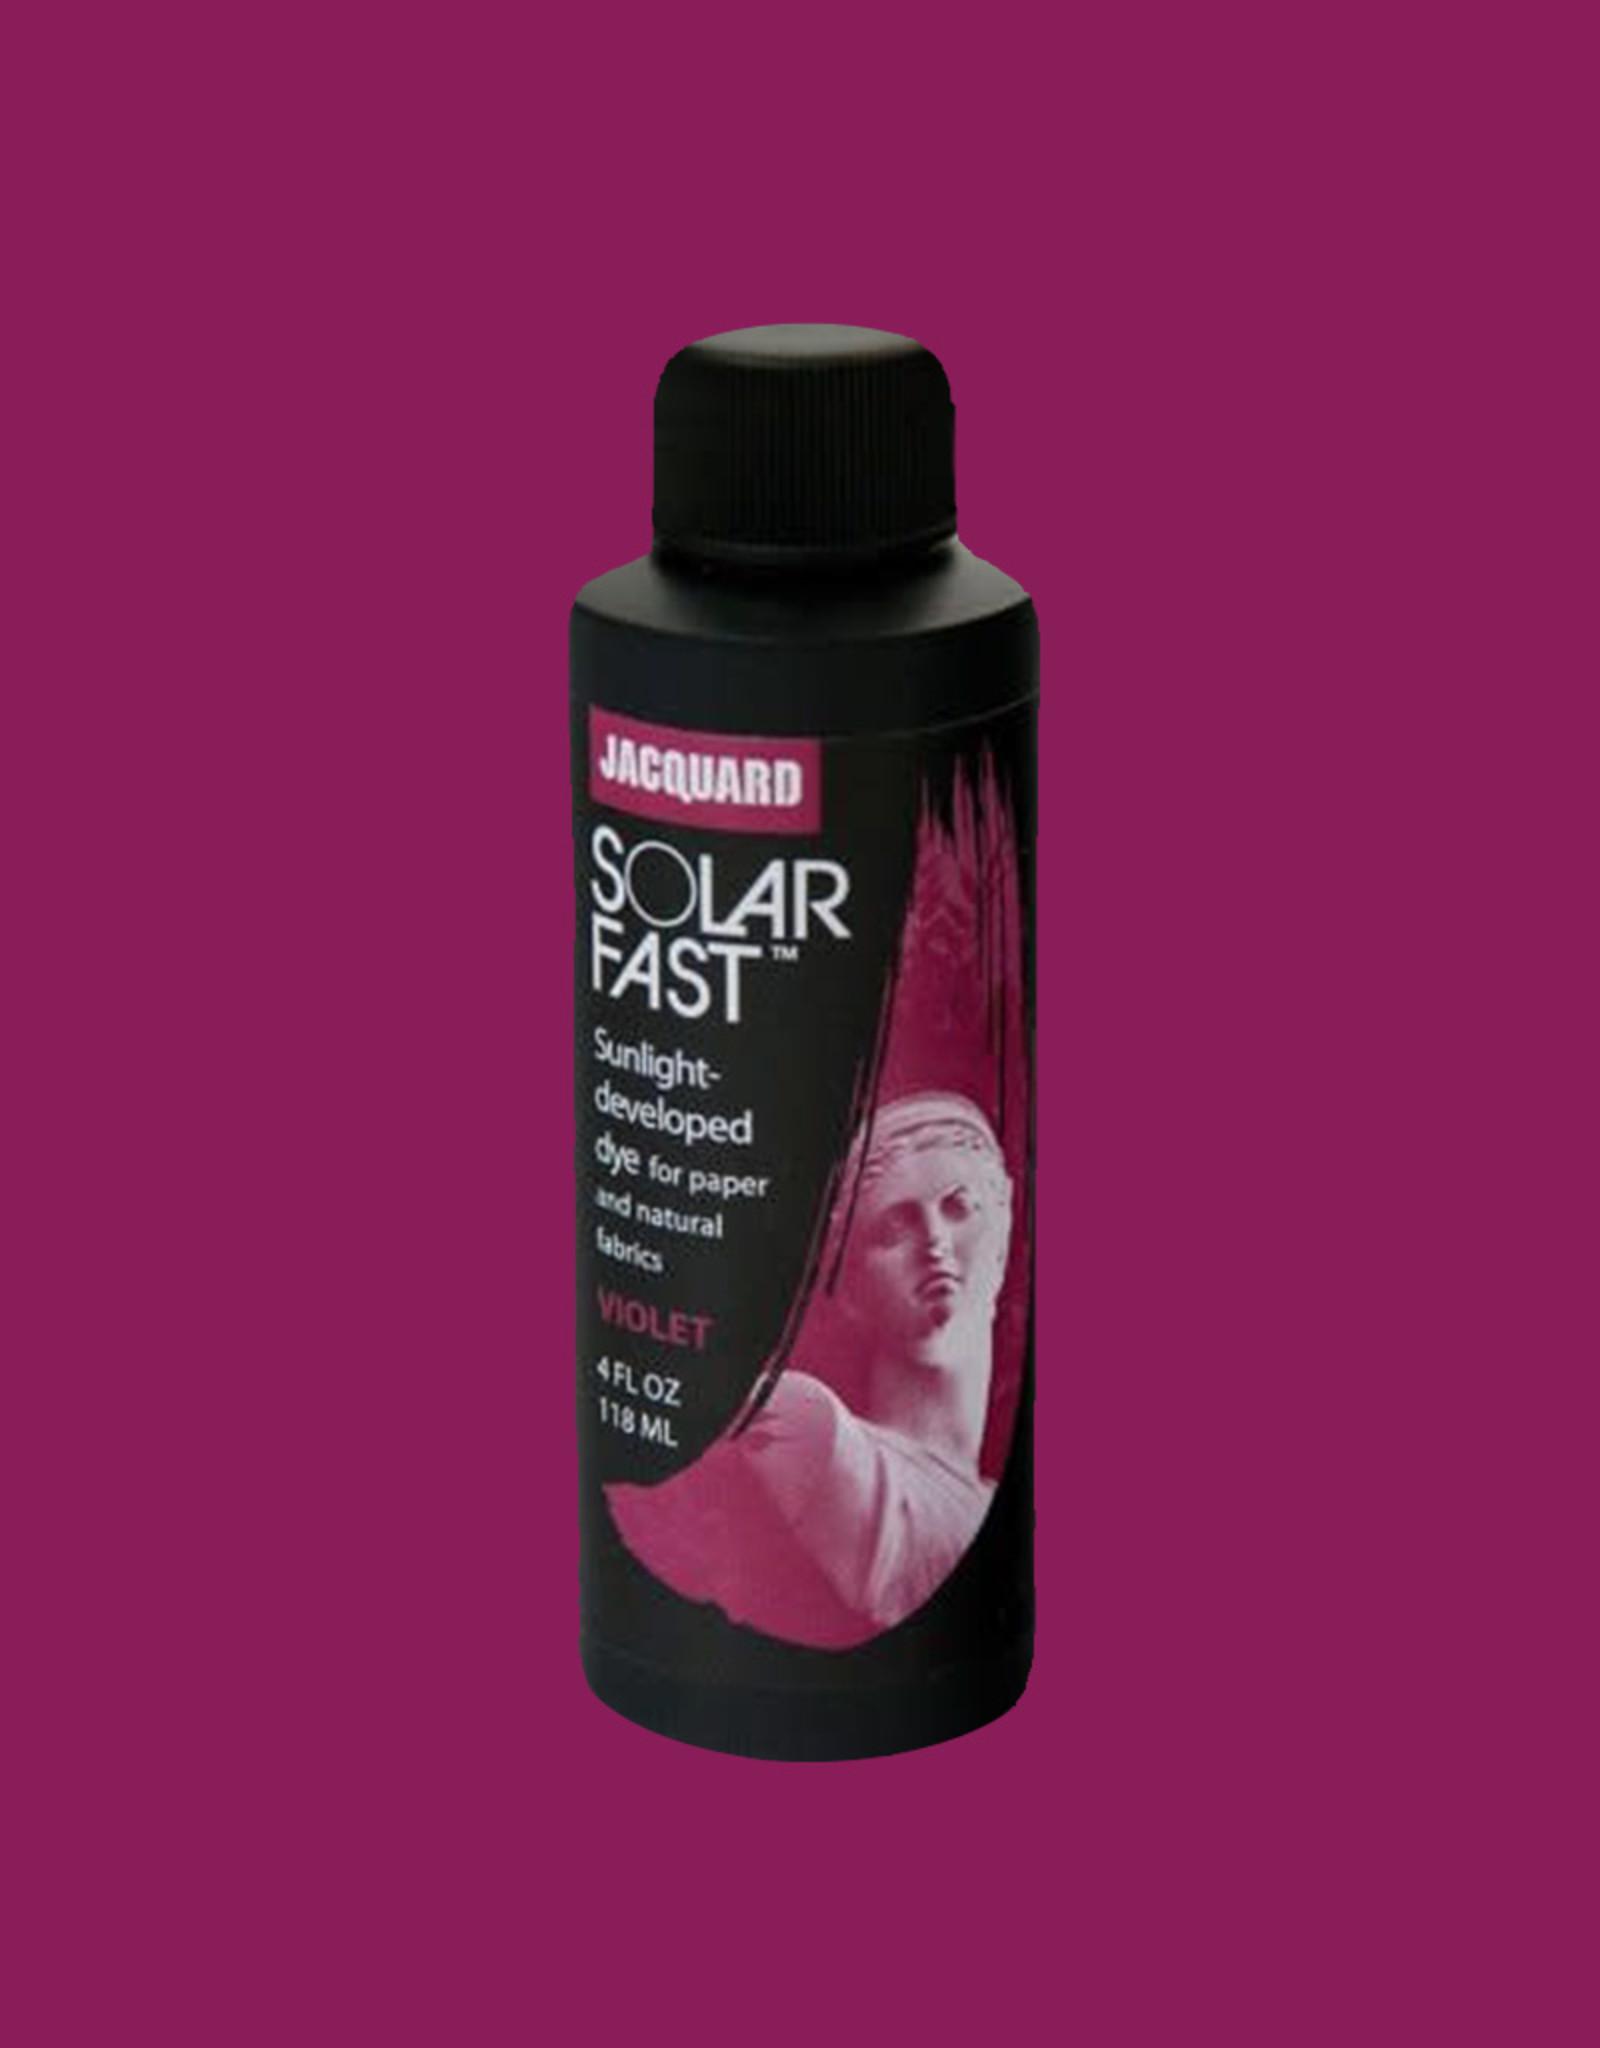 Jacquard SolarFast is dye, that develops in sunlight!